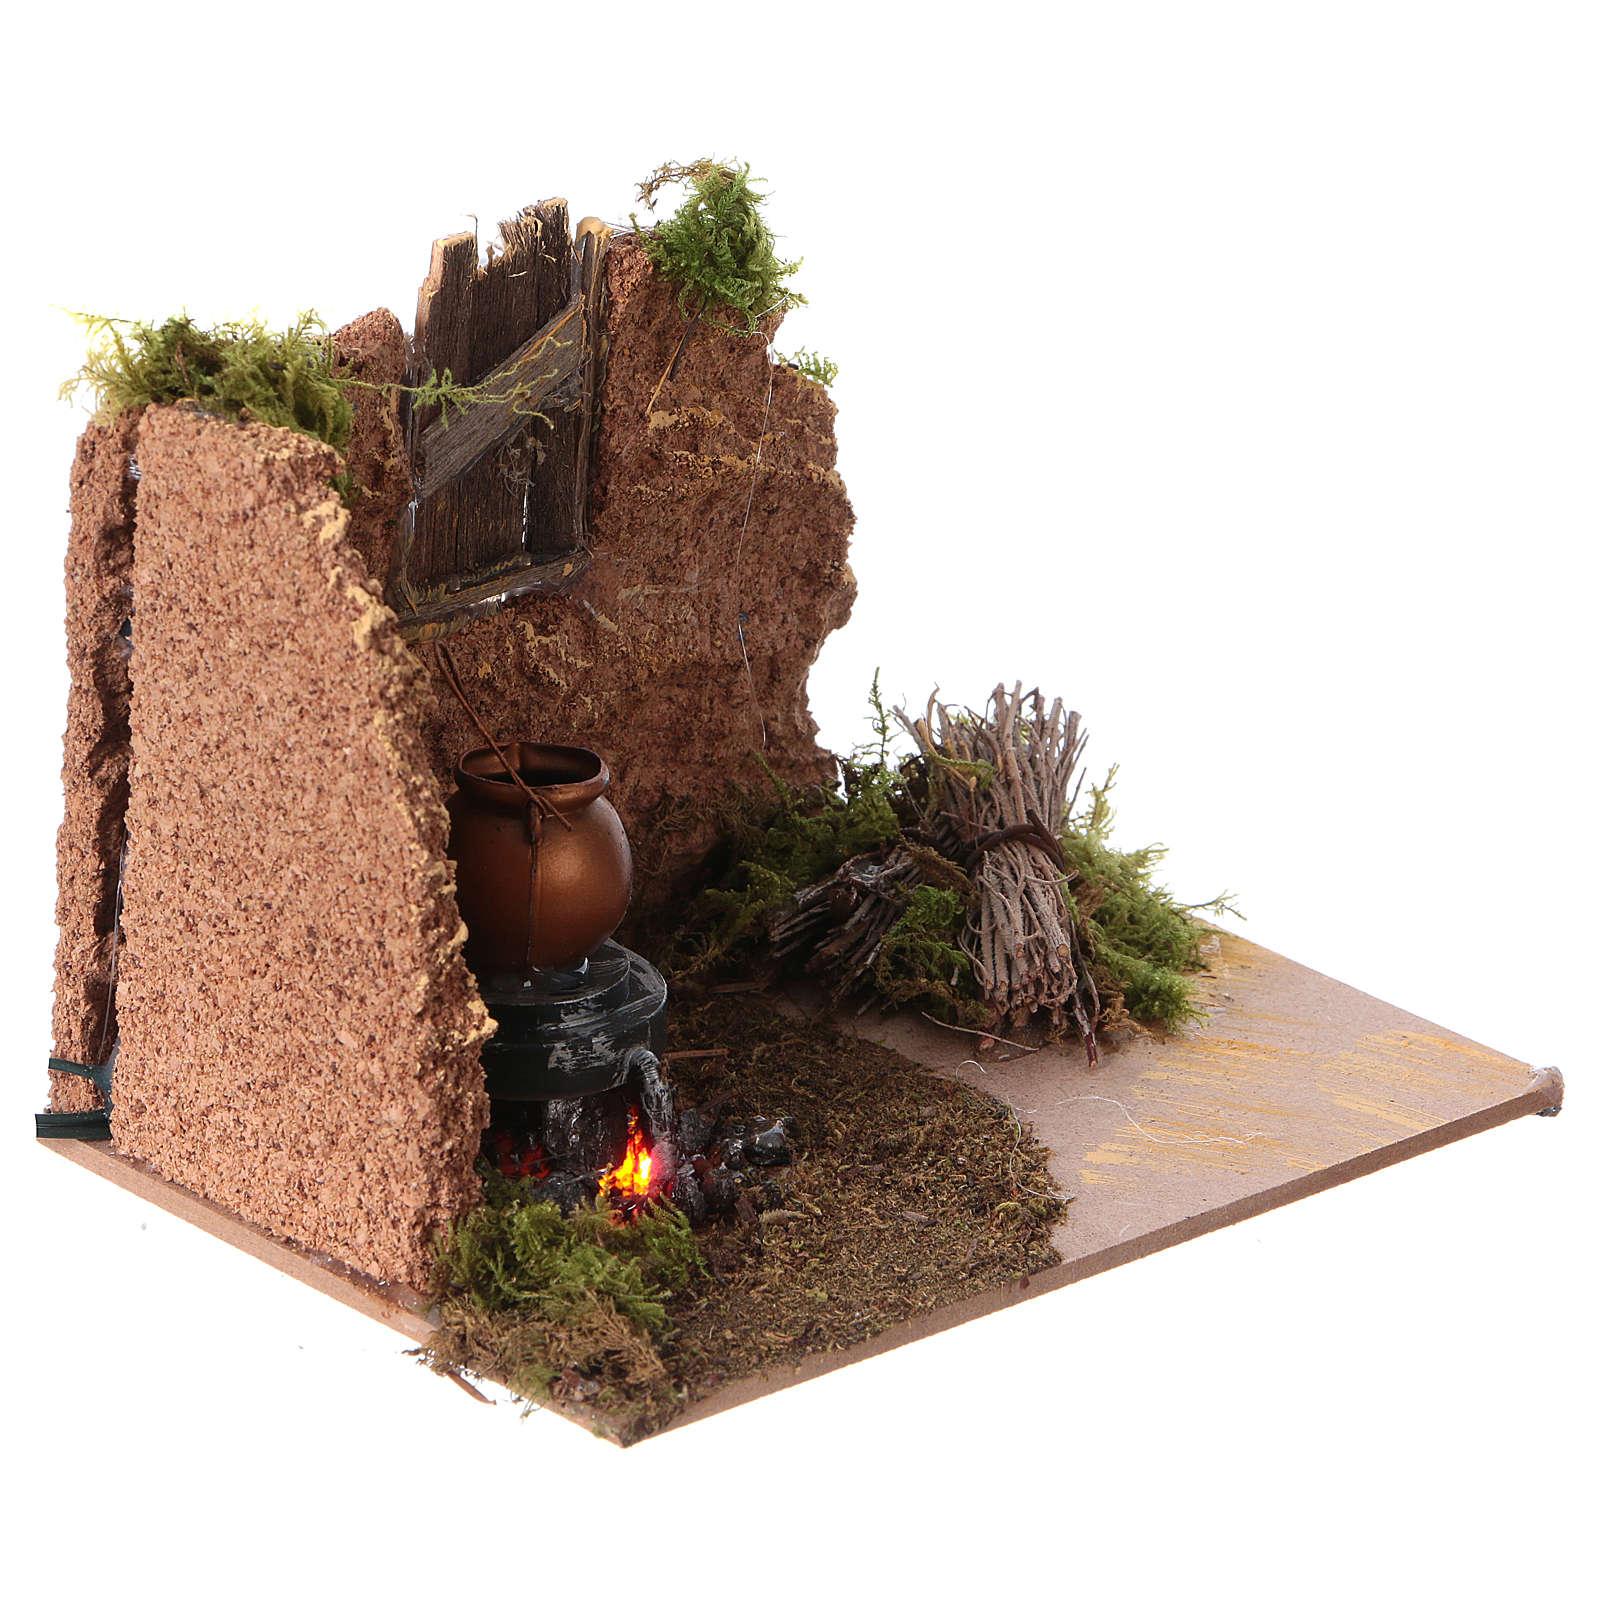 Feu de bois décoratif crèche de noël pile 10x15cm 4